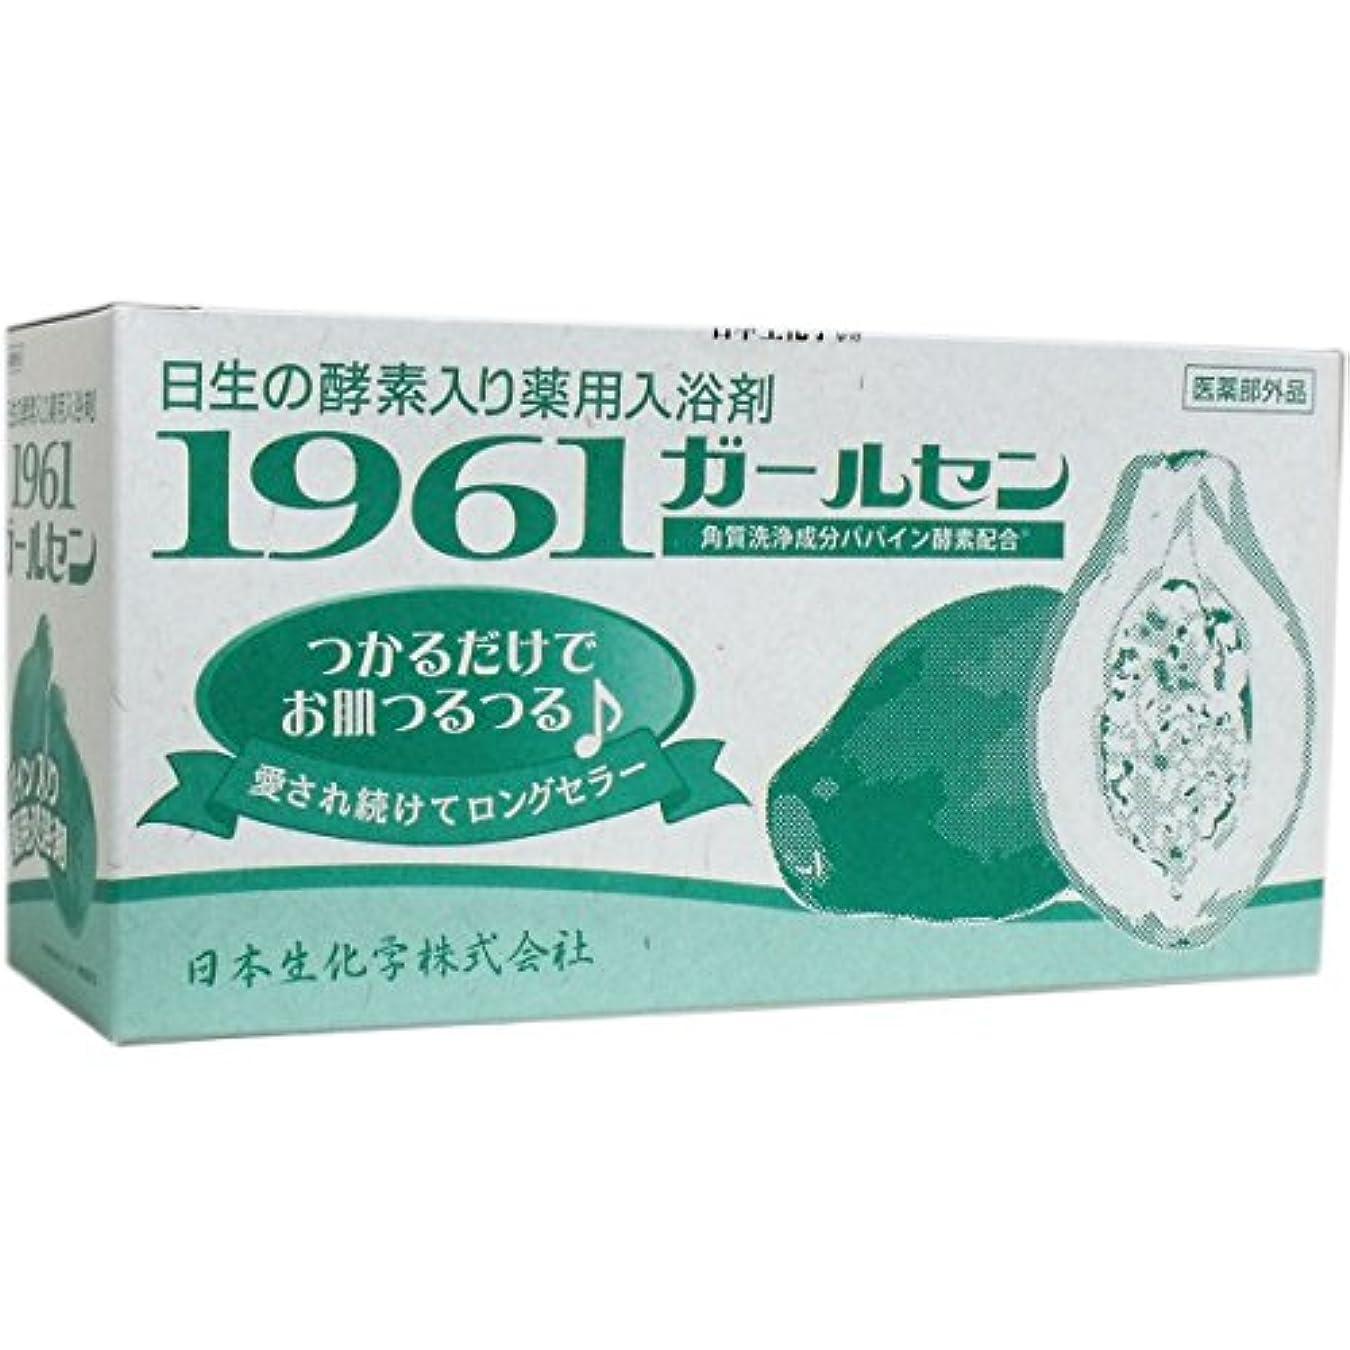 診療所例示する納税者パパイン酵素配合 薬用入浴剤 1961ガールセン 30包 [並行輸入品]